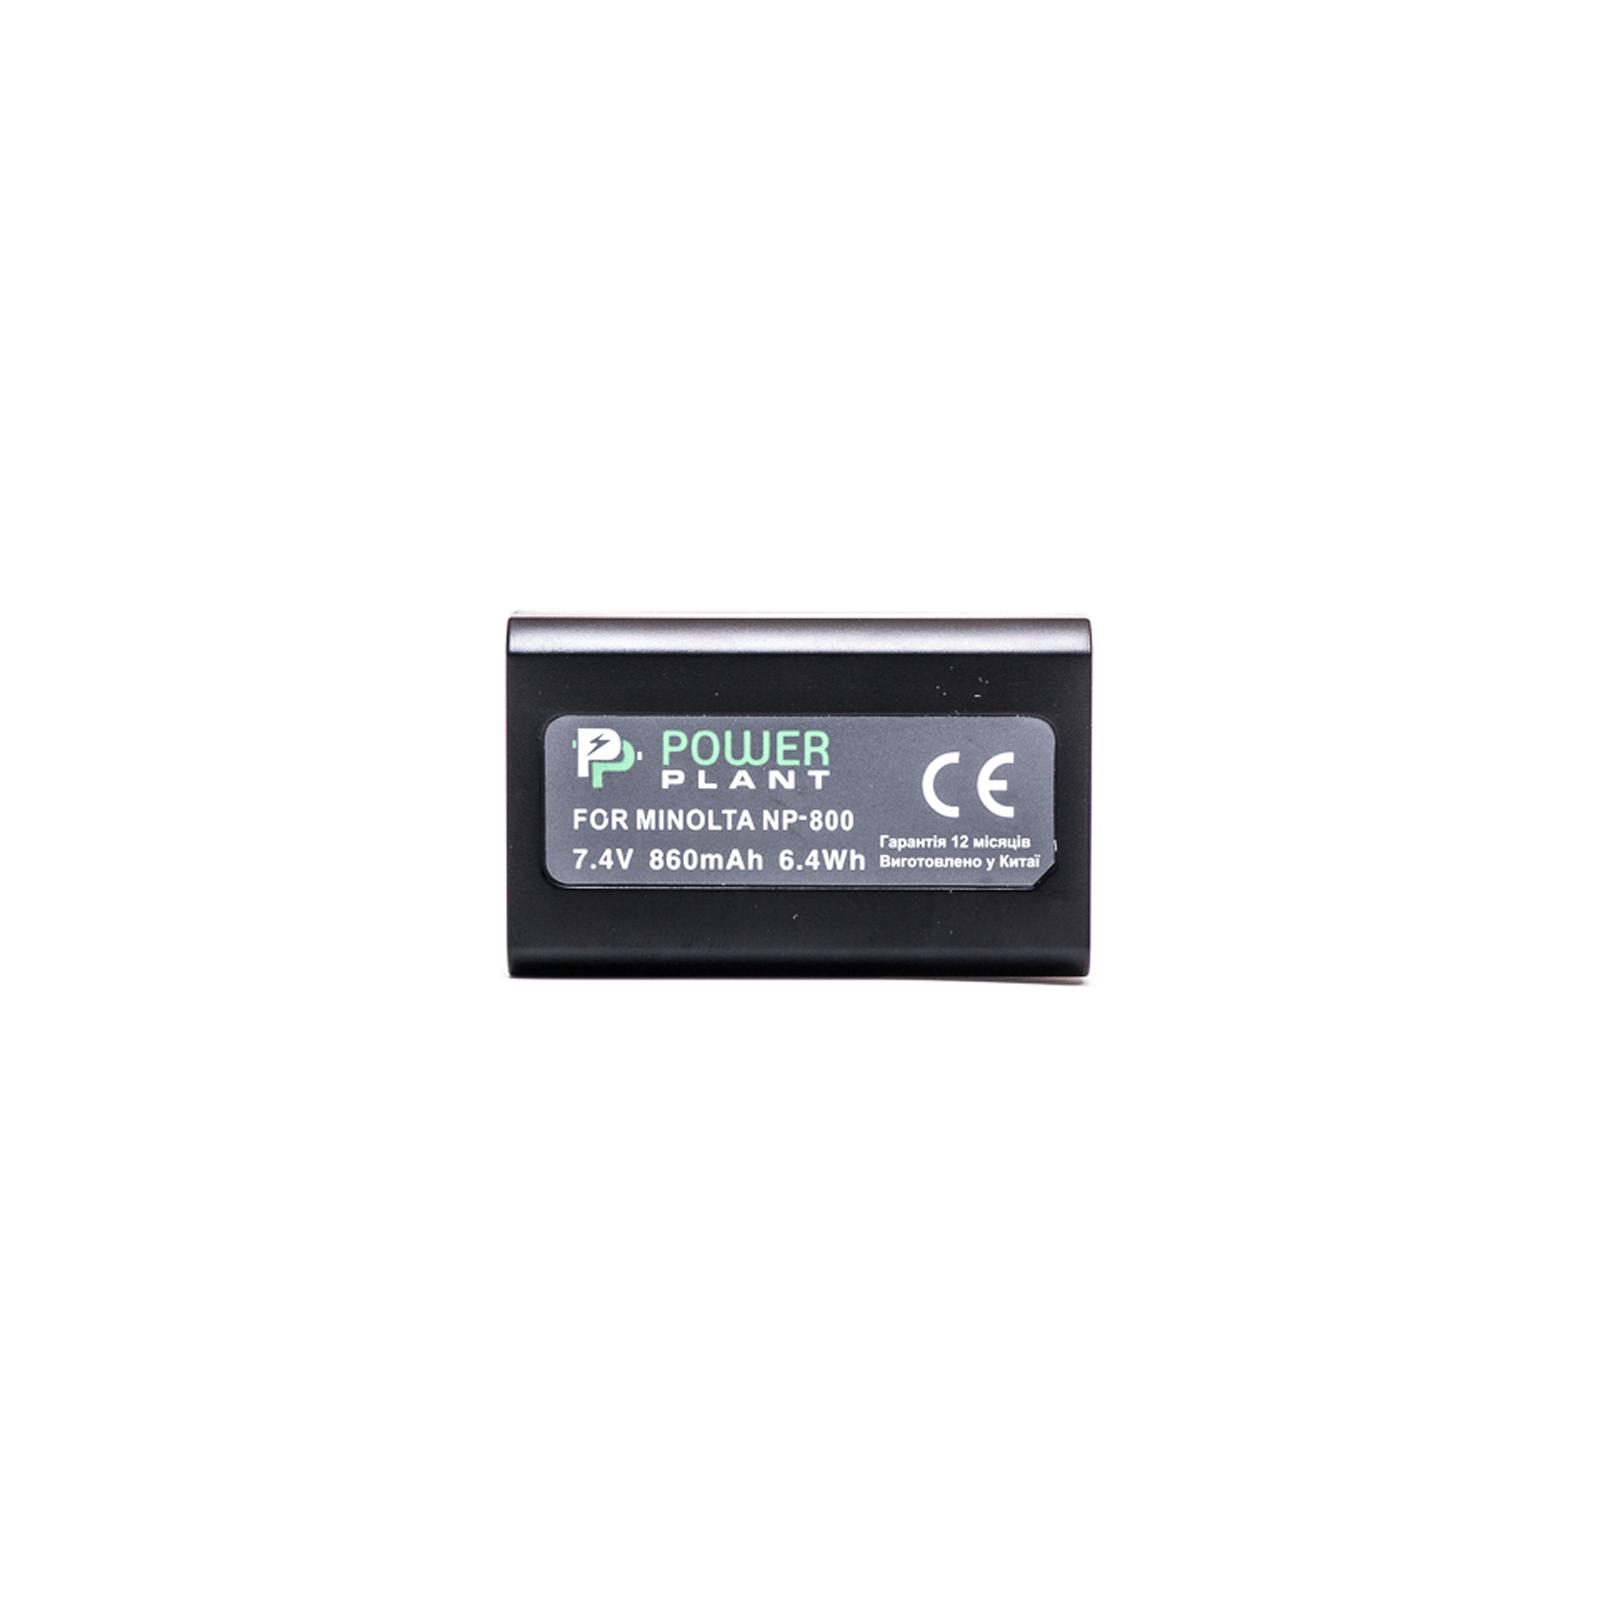 Аккумулятор к фото/видео PowerPlant Minolta NP-800, EN-EL1 (DV00DV1069) изображение 2